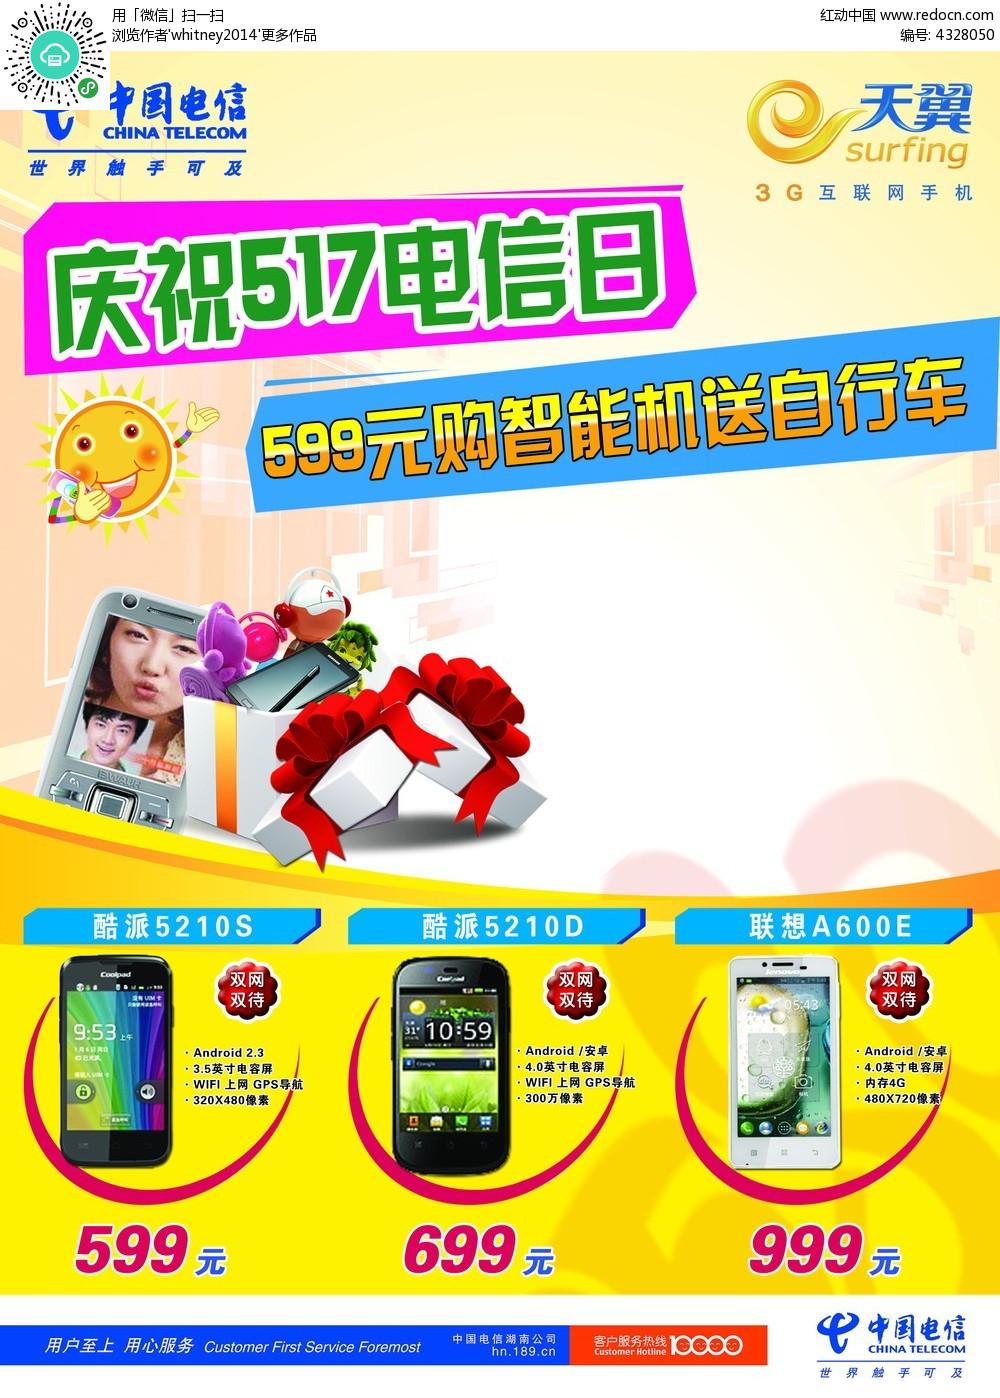 中国电信宣传海报